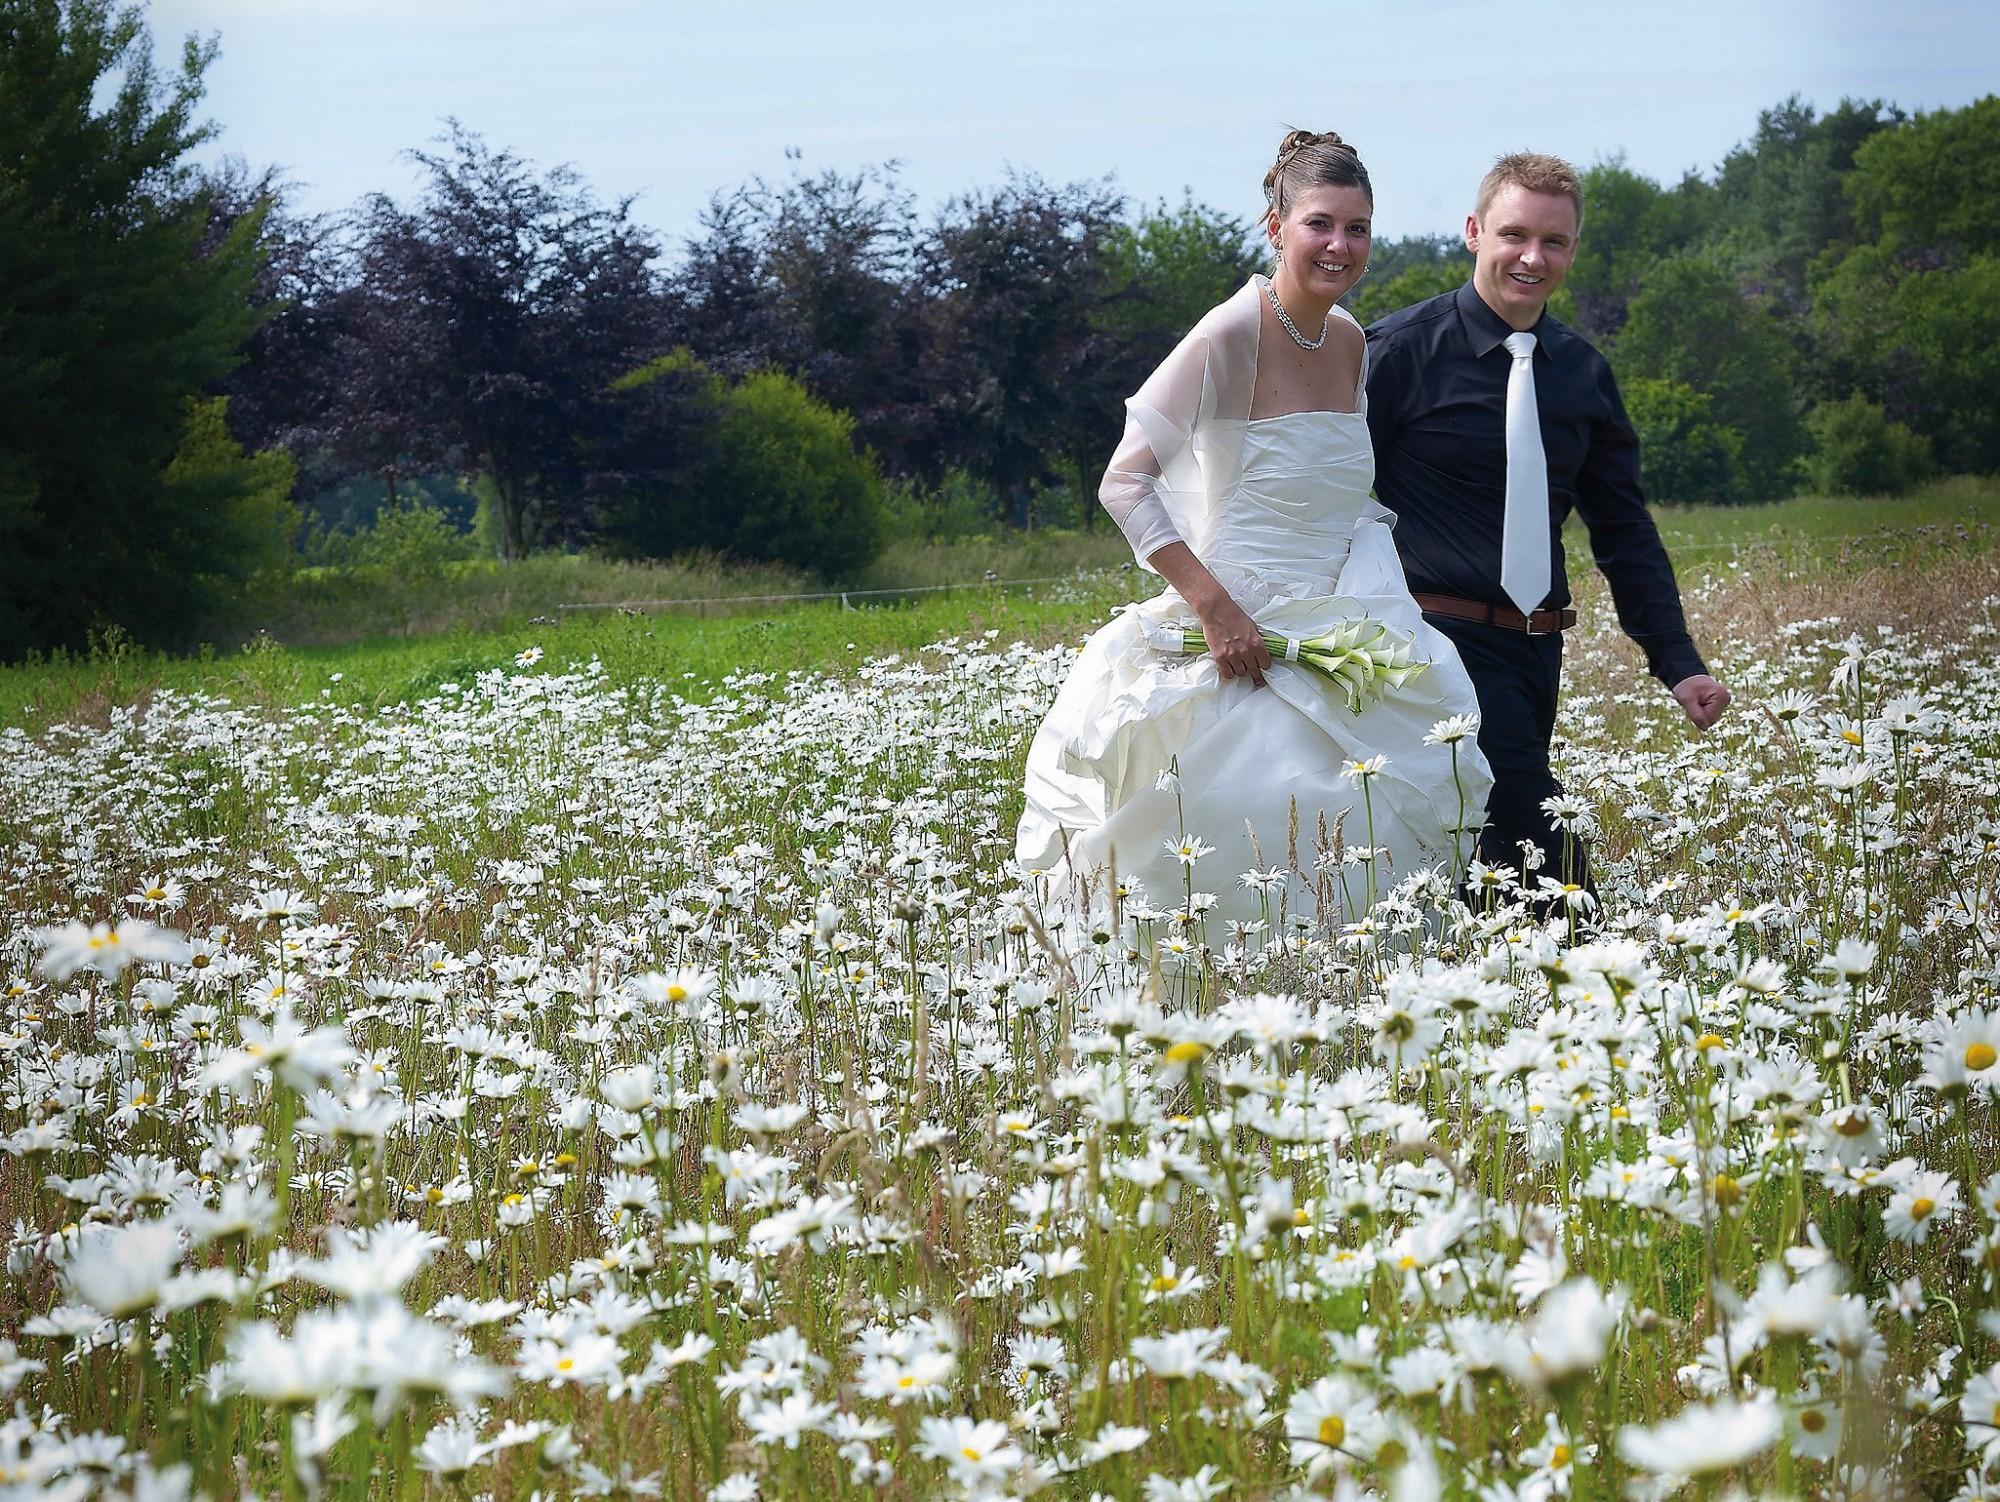 Afbeelding: Huwelijksreportages met stijl, madelieven veld.